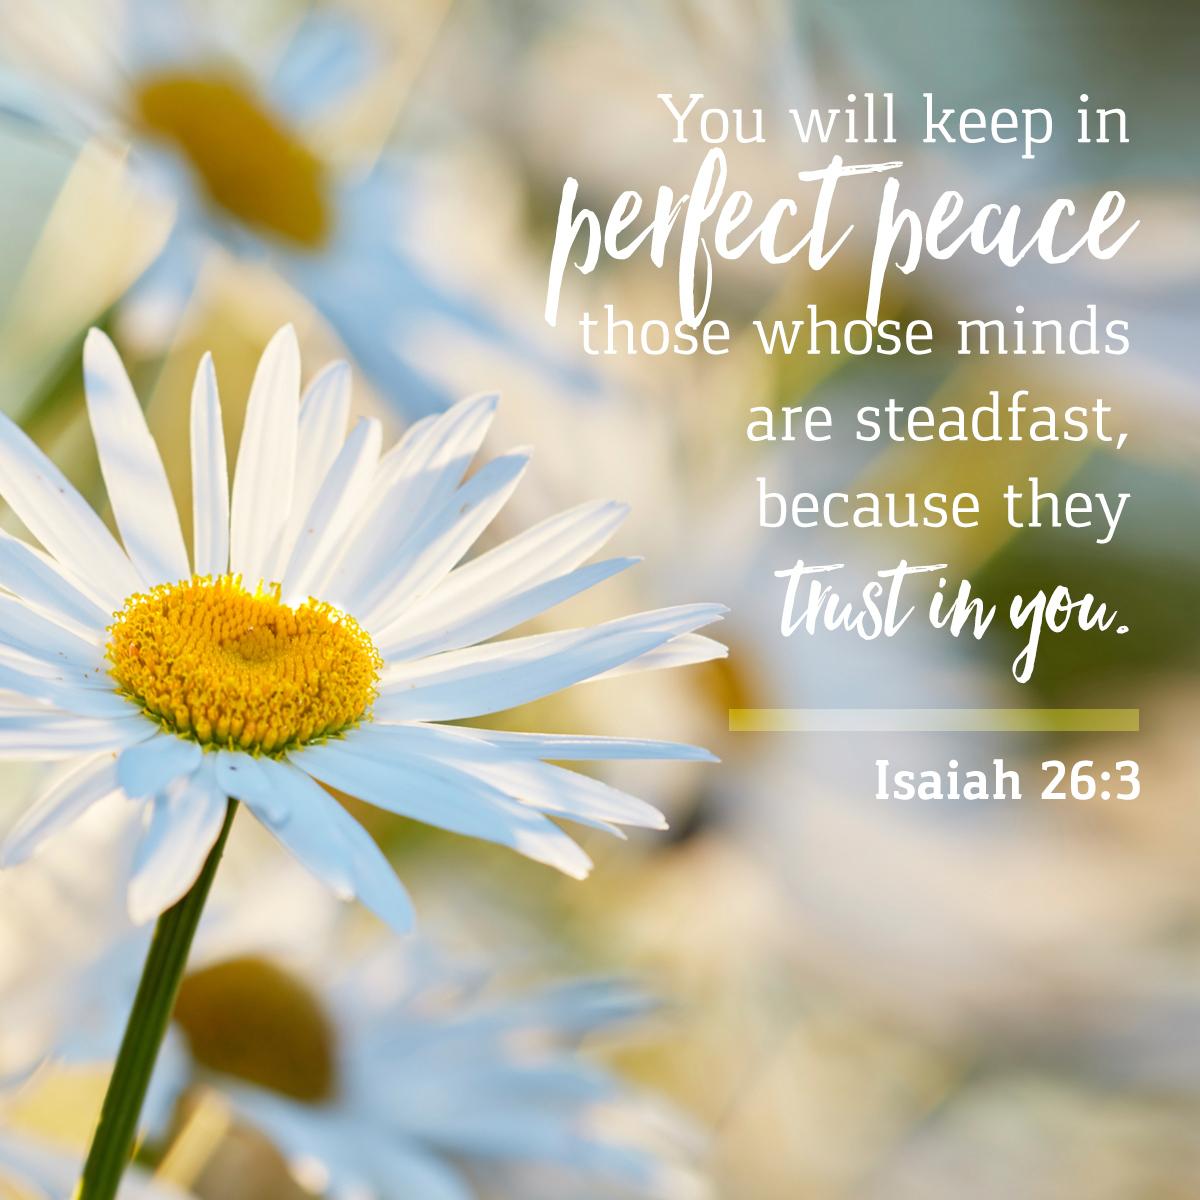 Isaiah 26:3 - Daily Verse